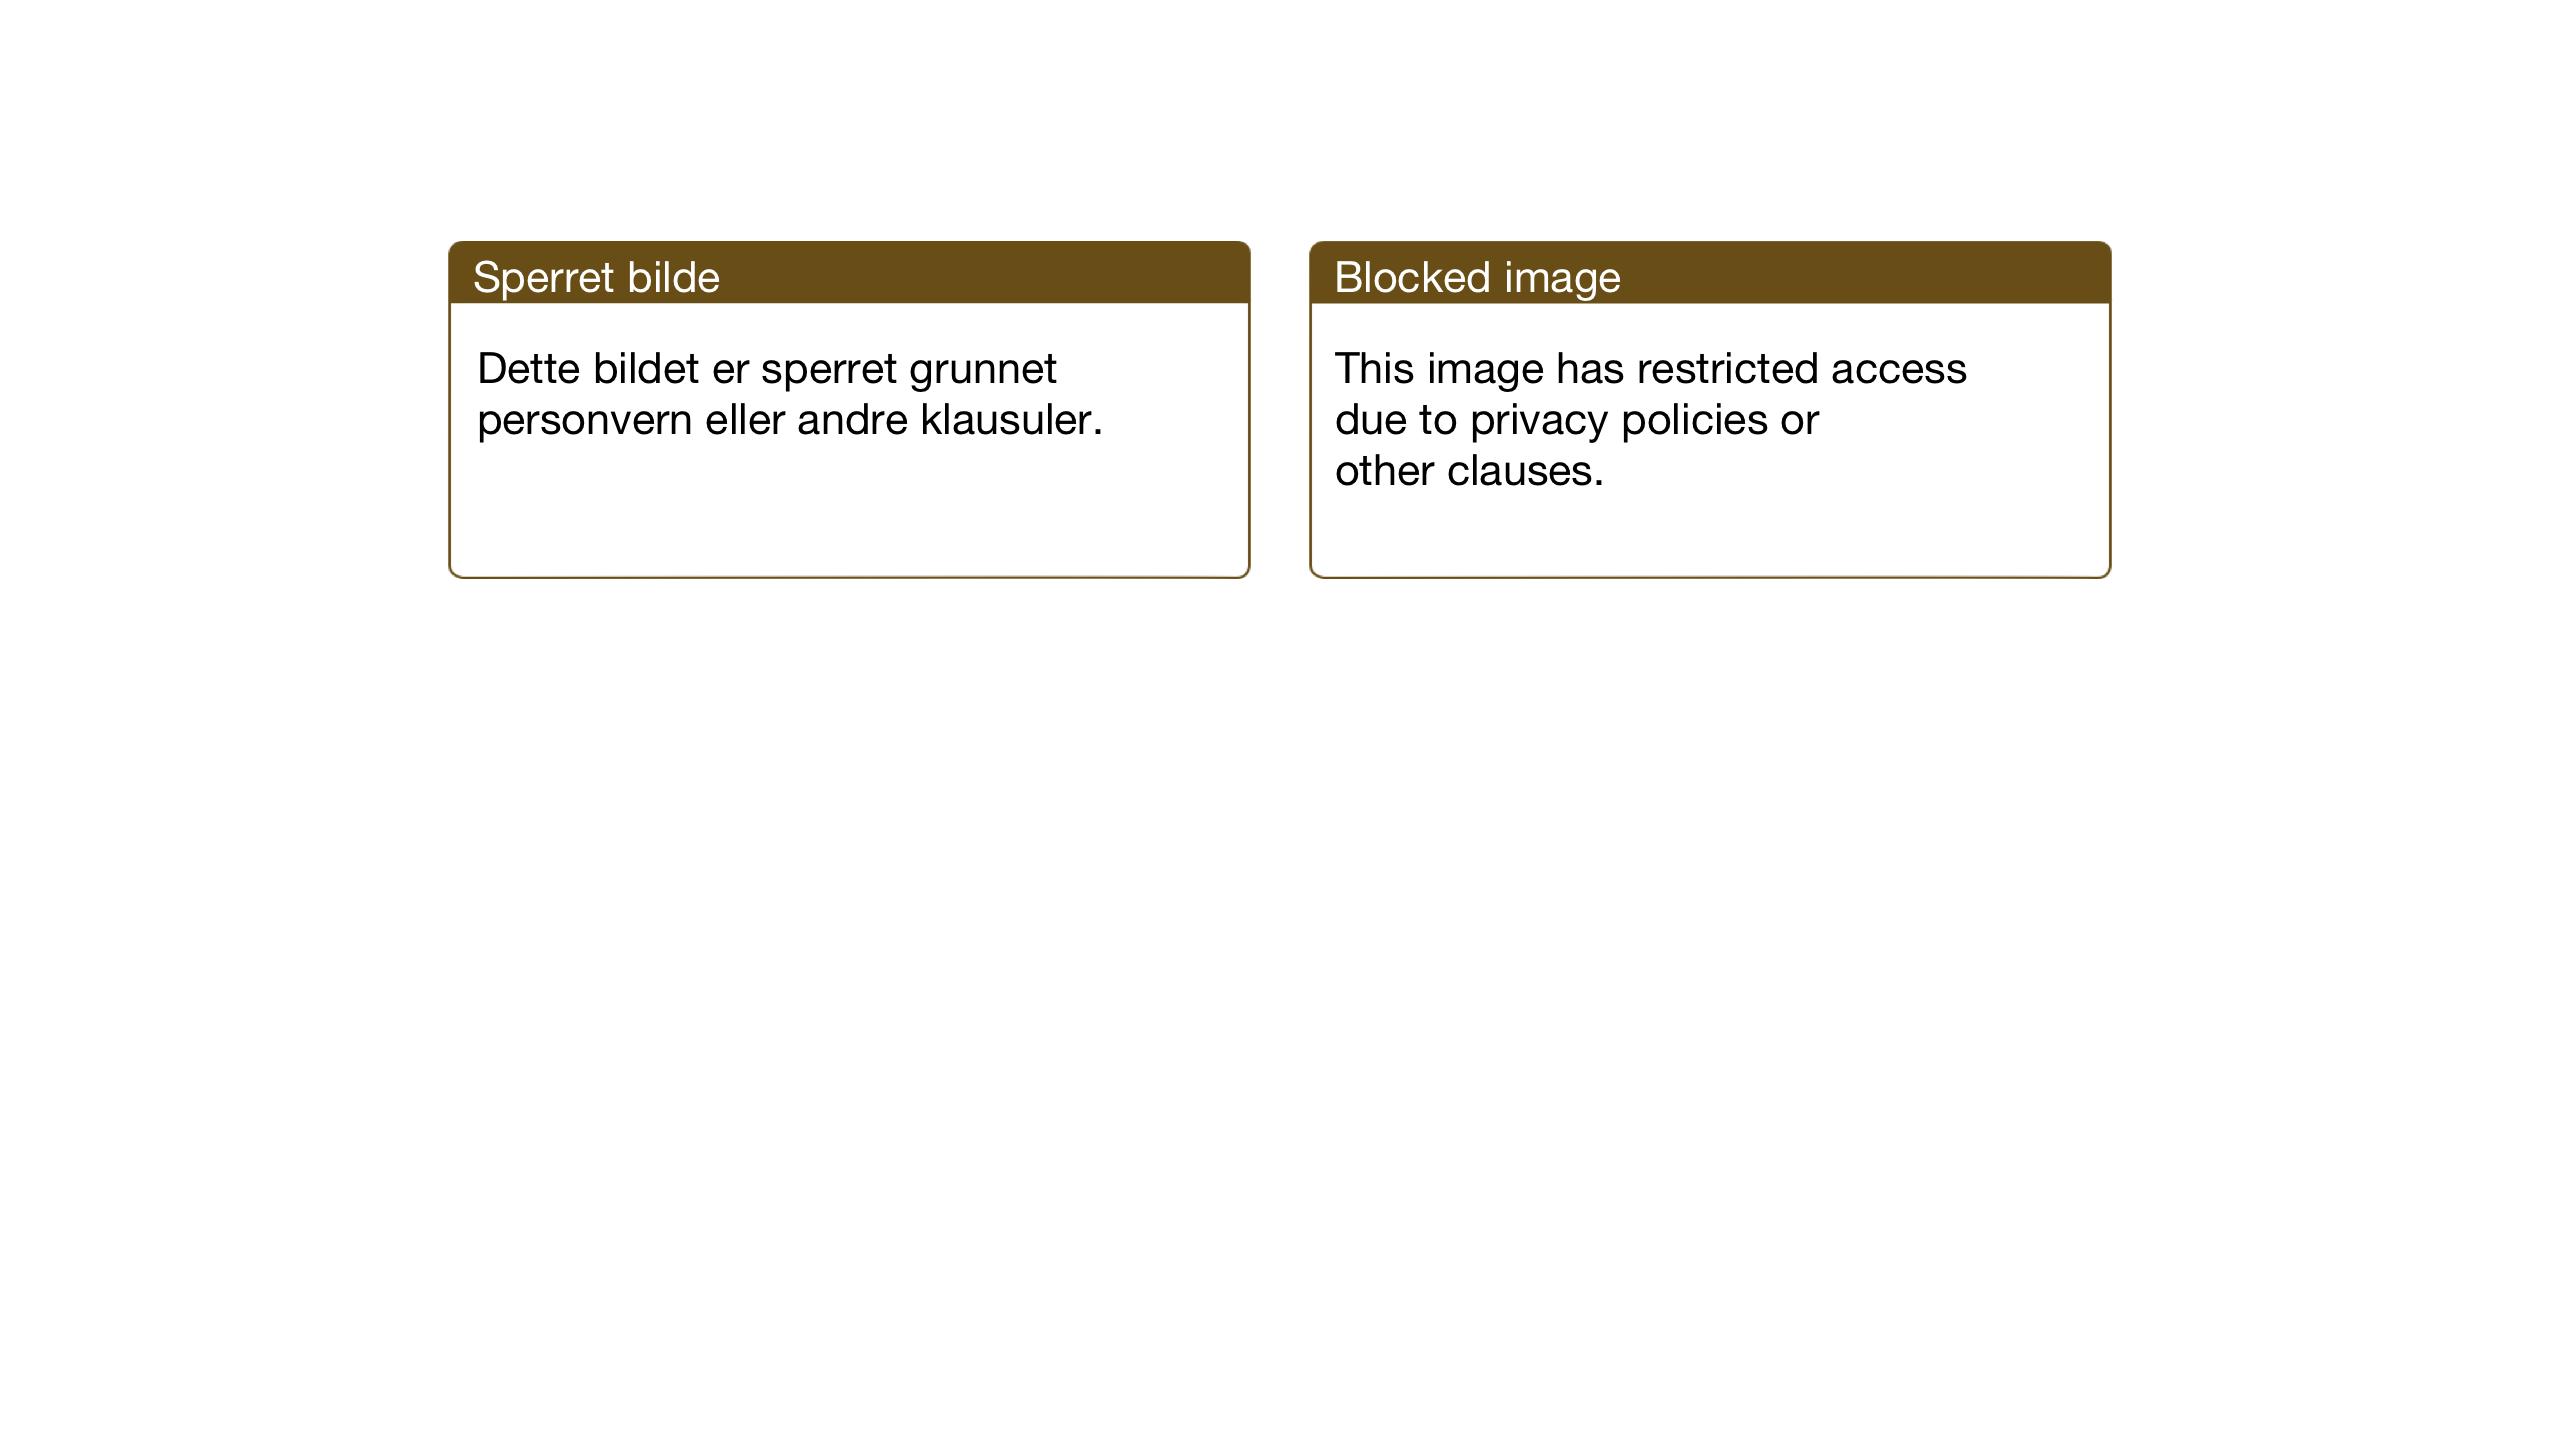 SAT, Ministerialprotokoller, klokkerbøker og fødselsregistre - Nord-Trøndelag, 732/L0319: Klokkerbok nr. 732C03, 1911-1945, s. 117